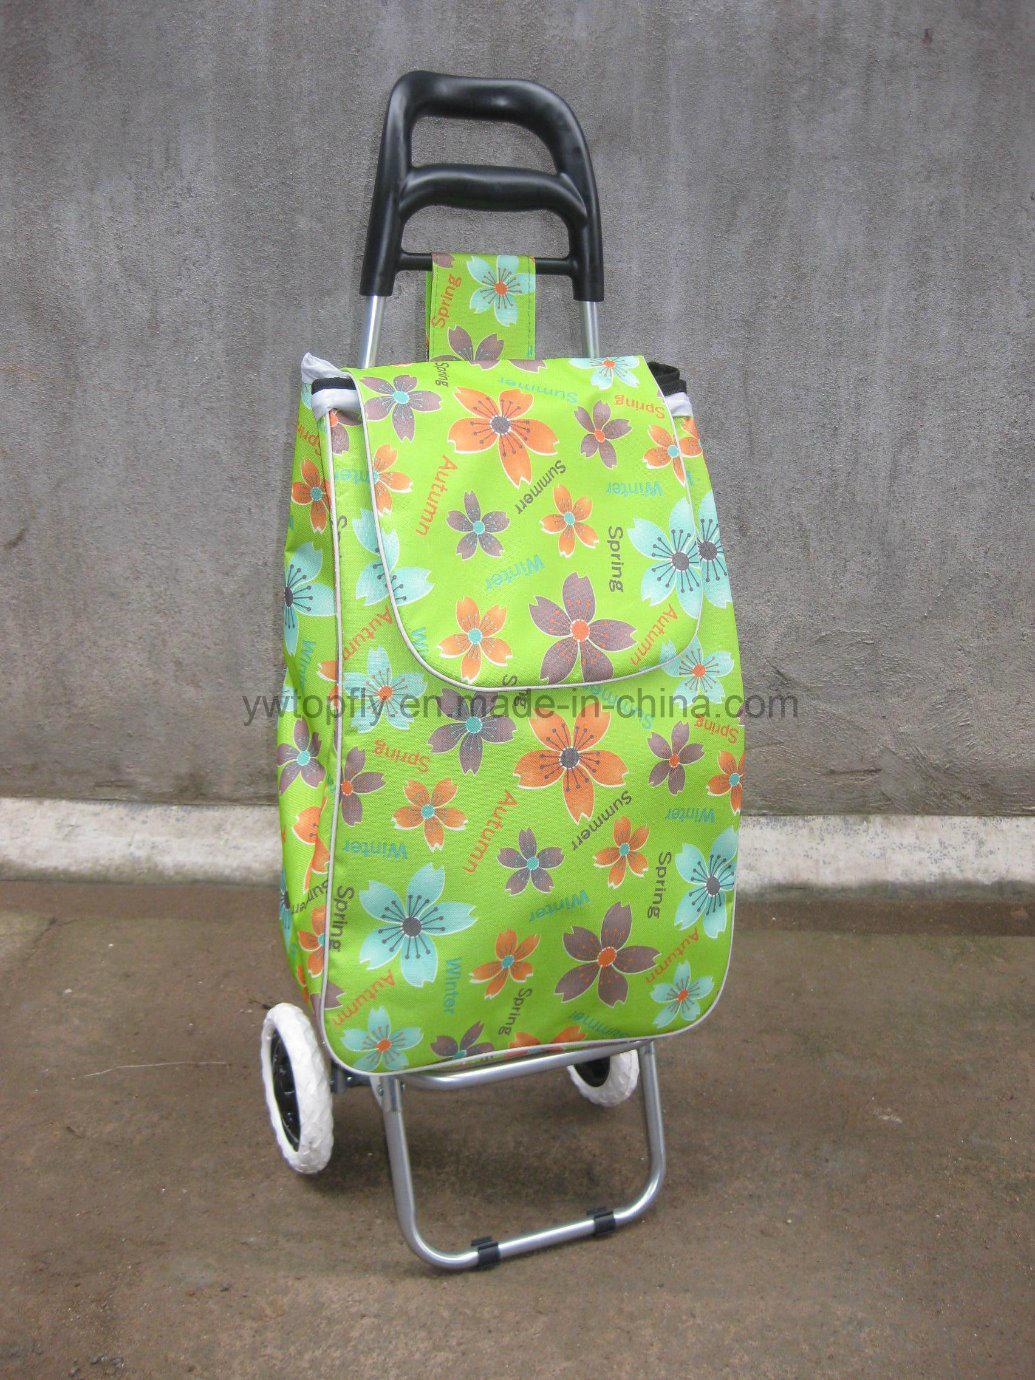 Folding Supermarket Shopping Trolley Luggage Cart